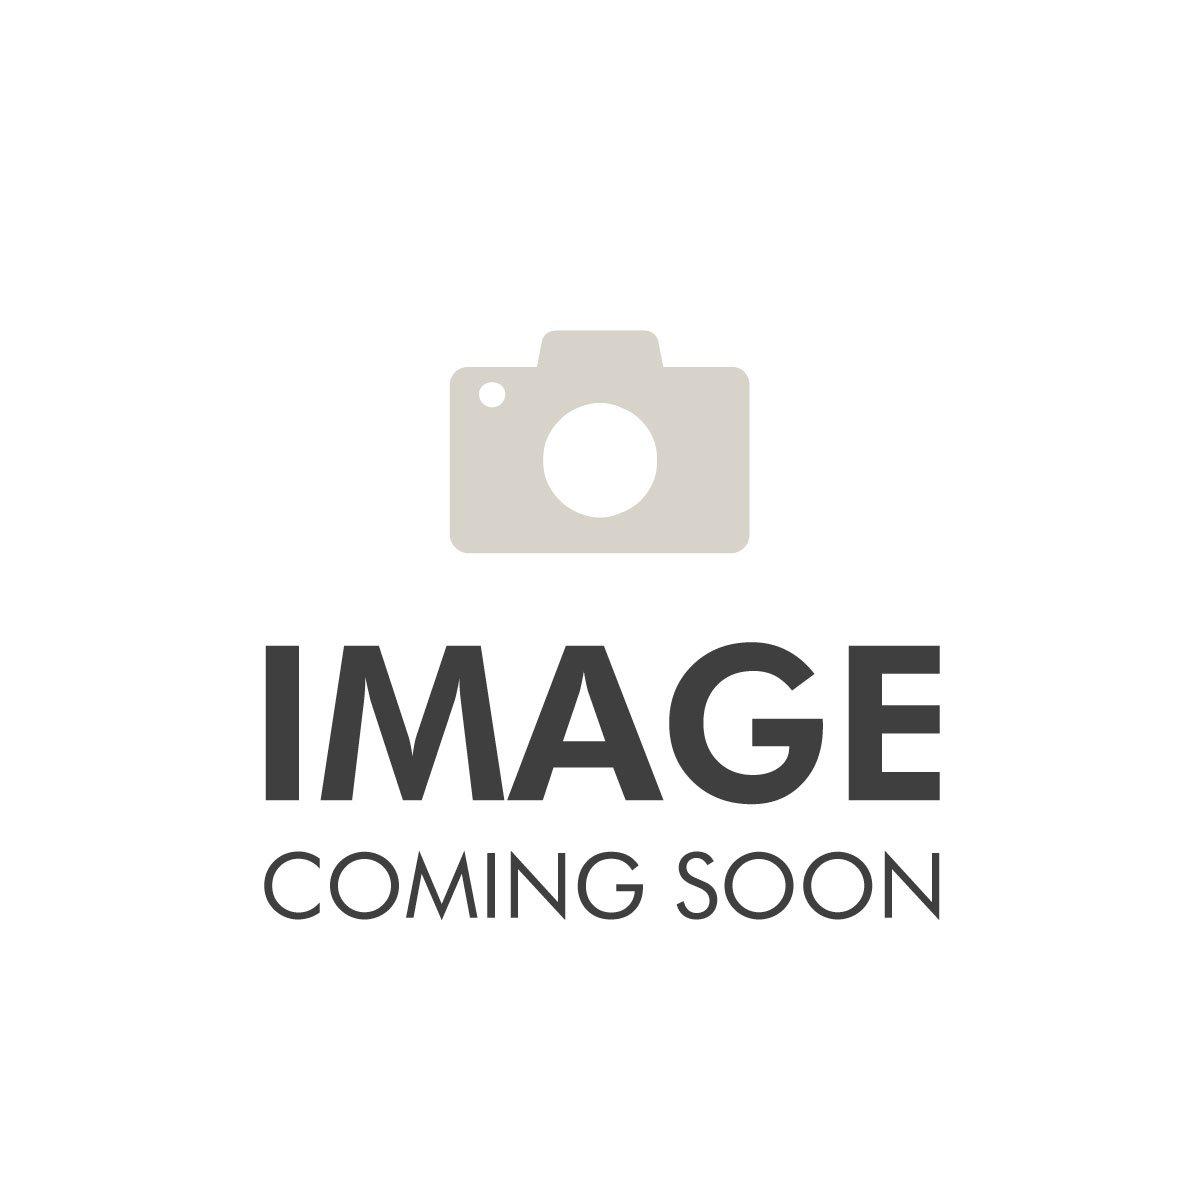 Prieur - Foil Lamé - Women - Previous Model - Stainless